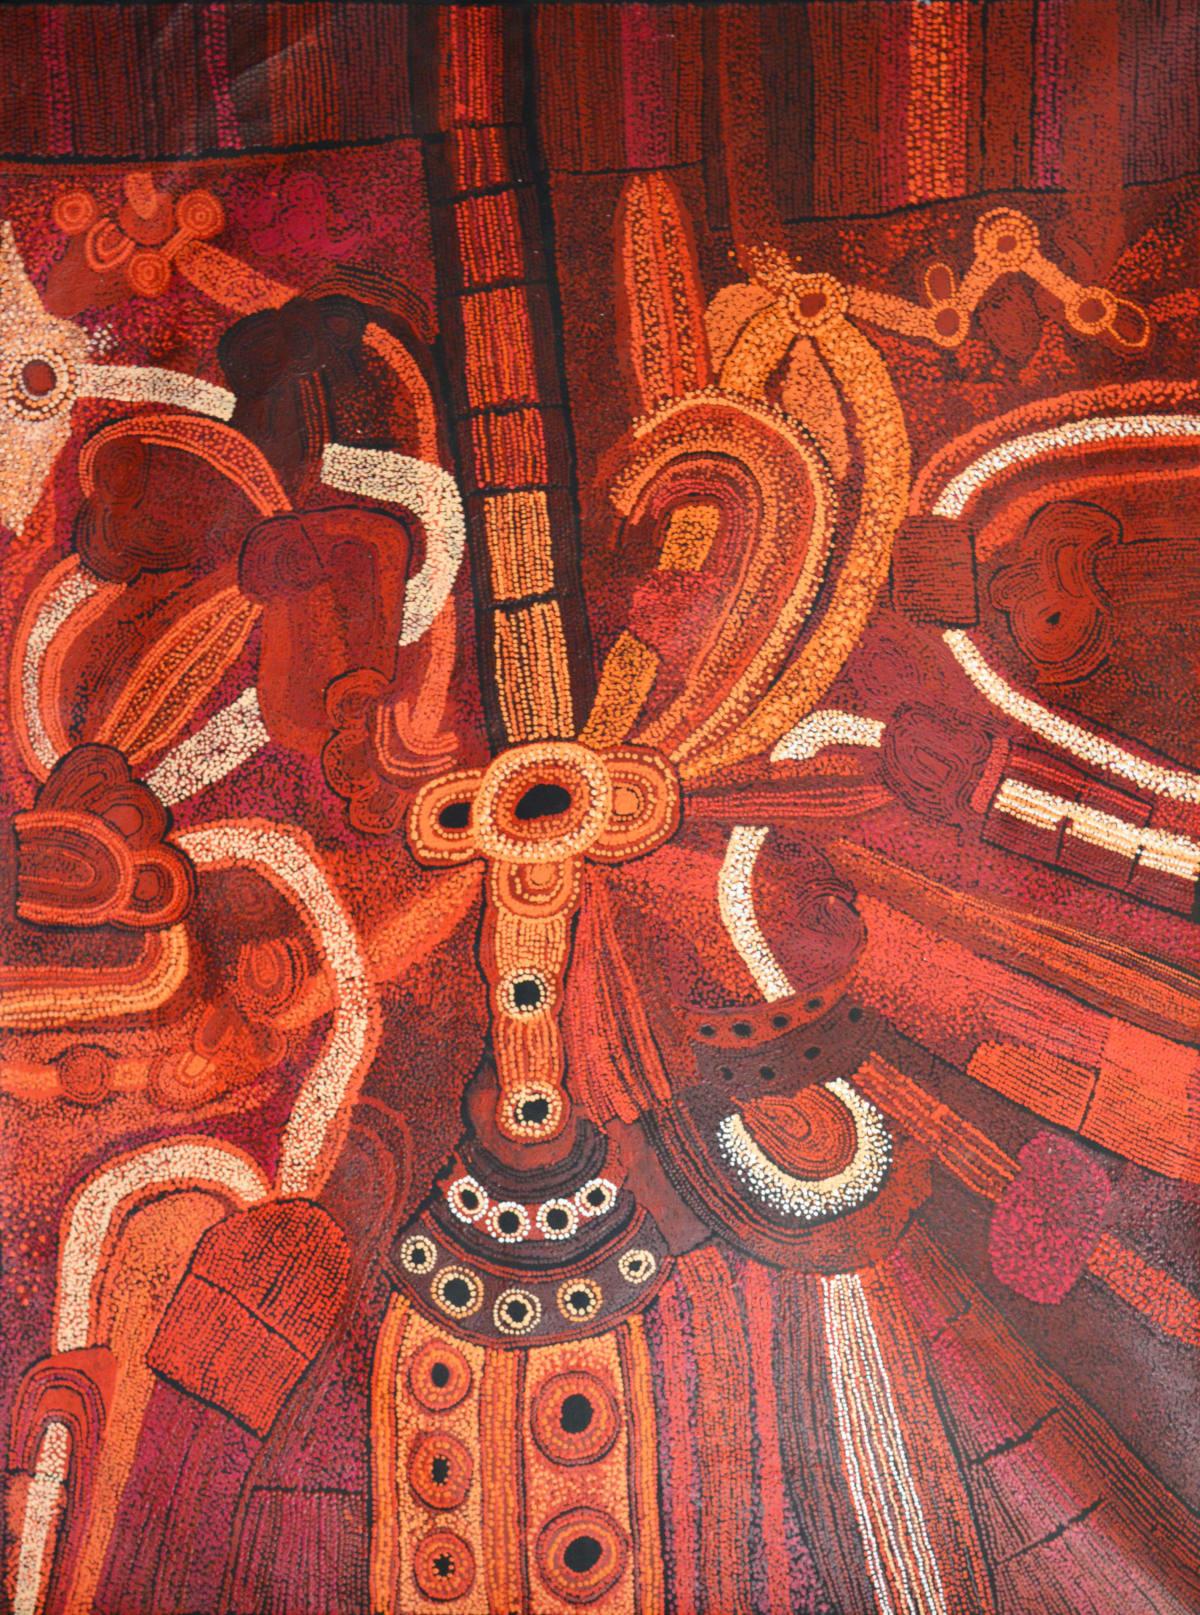 Teresa Baker Minyma Malilunya acrylic on canvas 150 x 200 cm